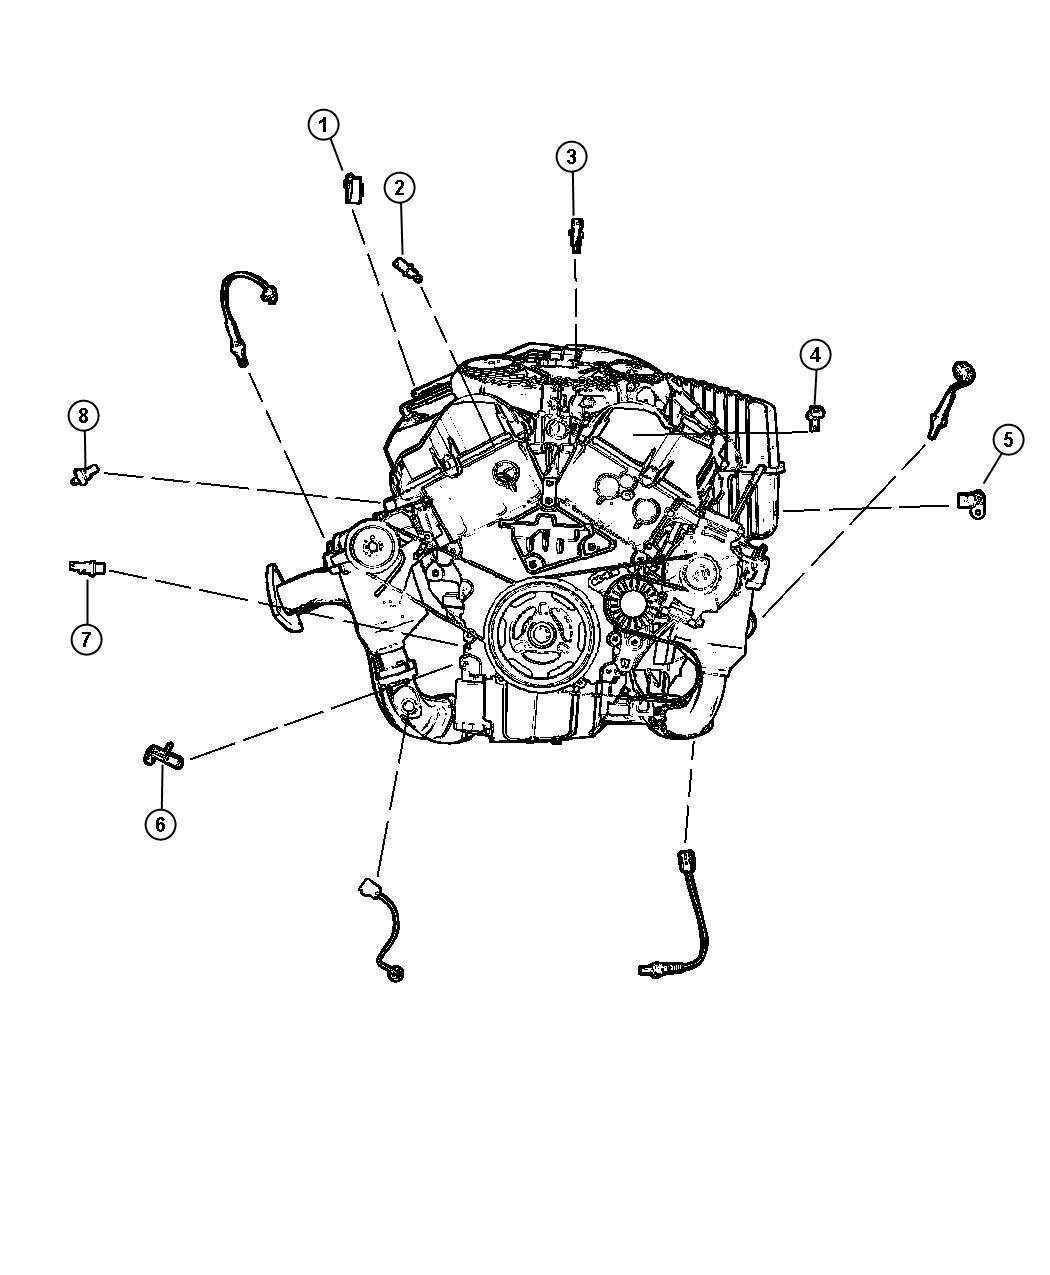 Chrysler 300 Sensor Map